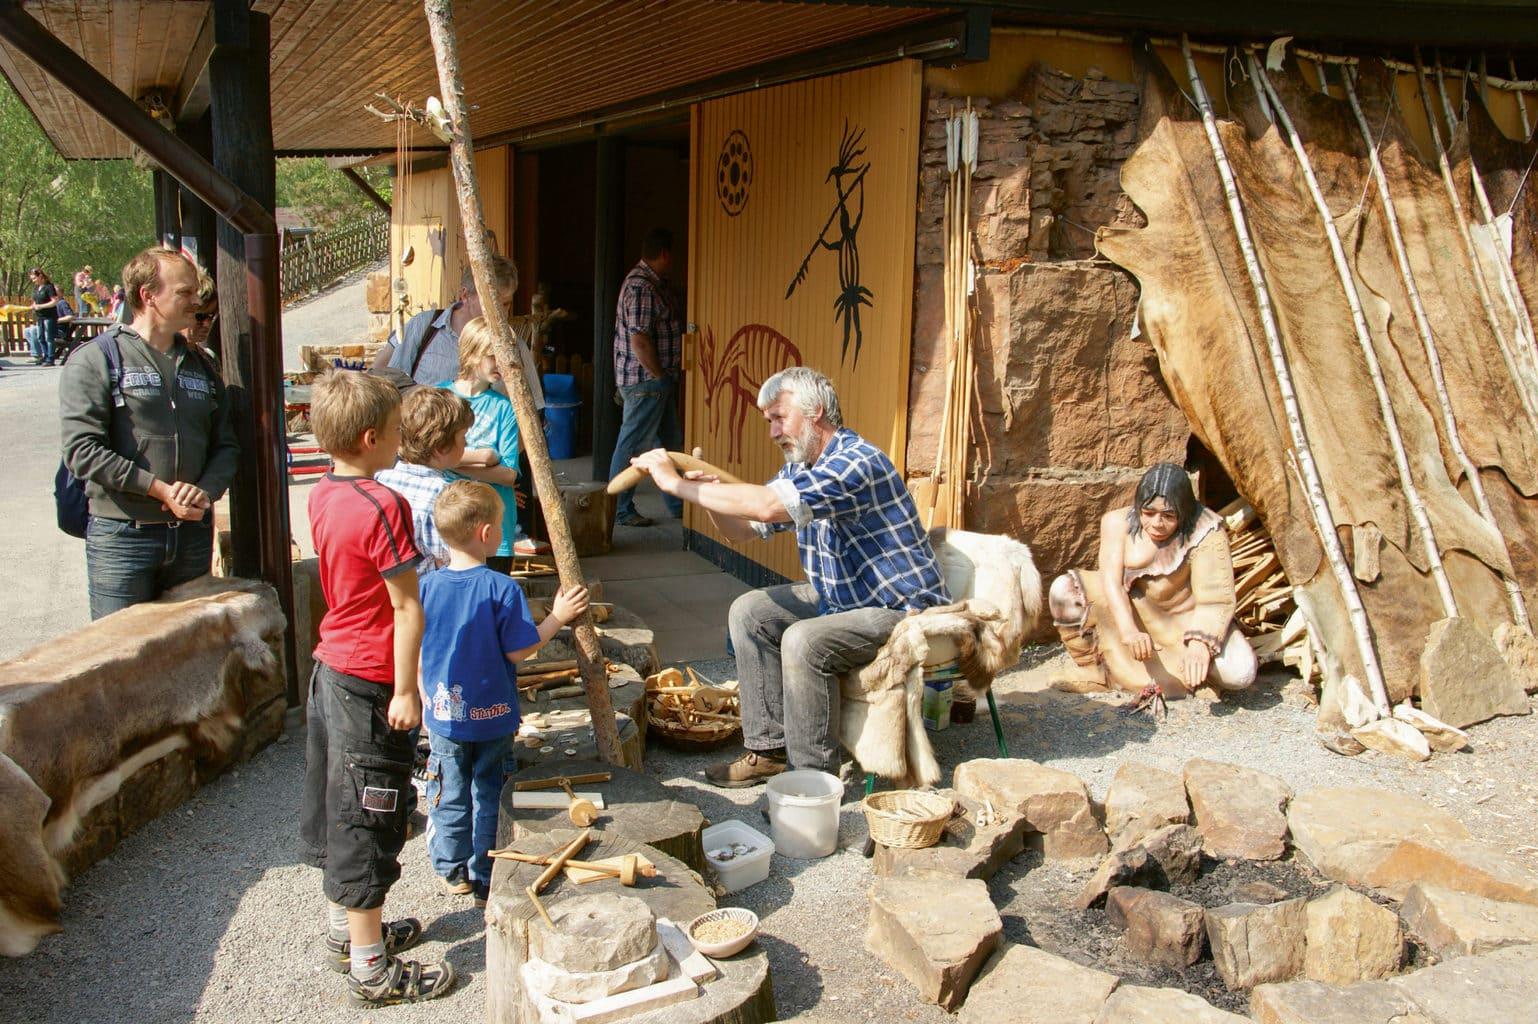 Kinderen in dinosaurussenpark Muenchehagen in Duitsland